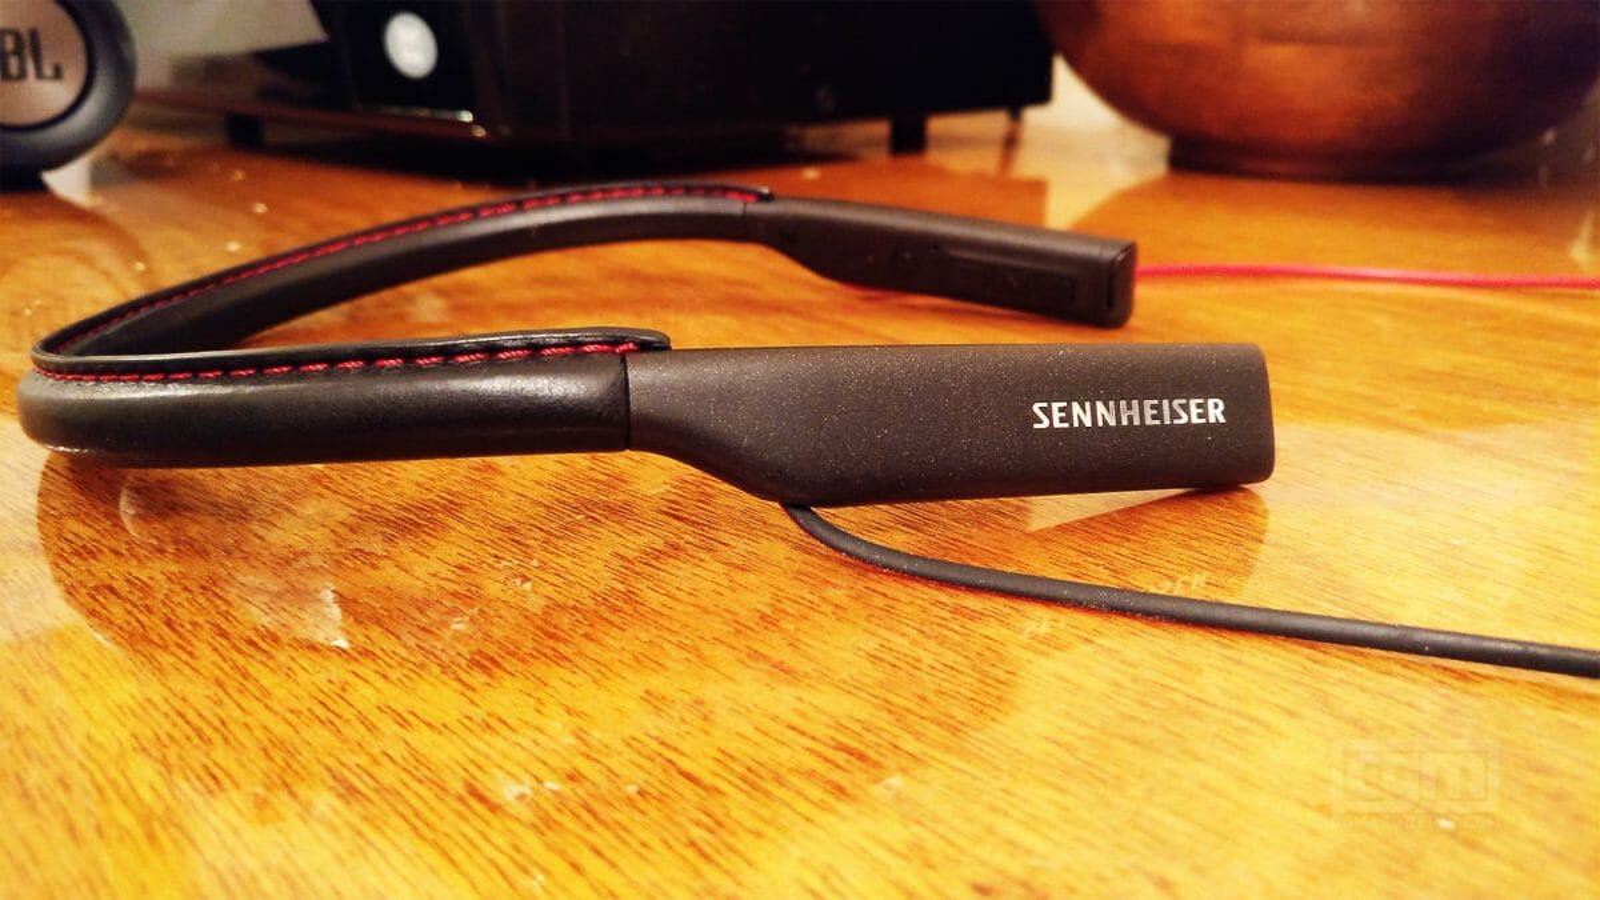 Sennheiser Hd1 In-Ear Bluetooth Headphones Review: Sennheiser Does It Again